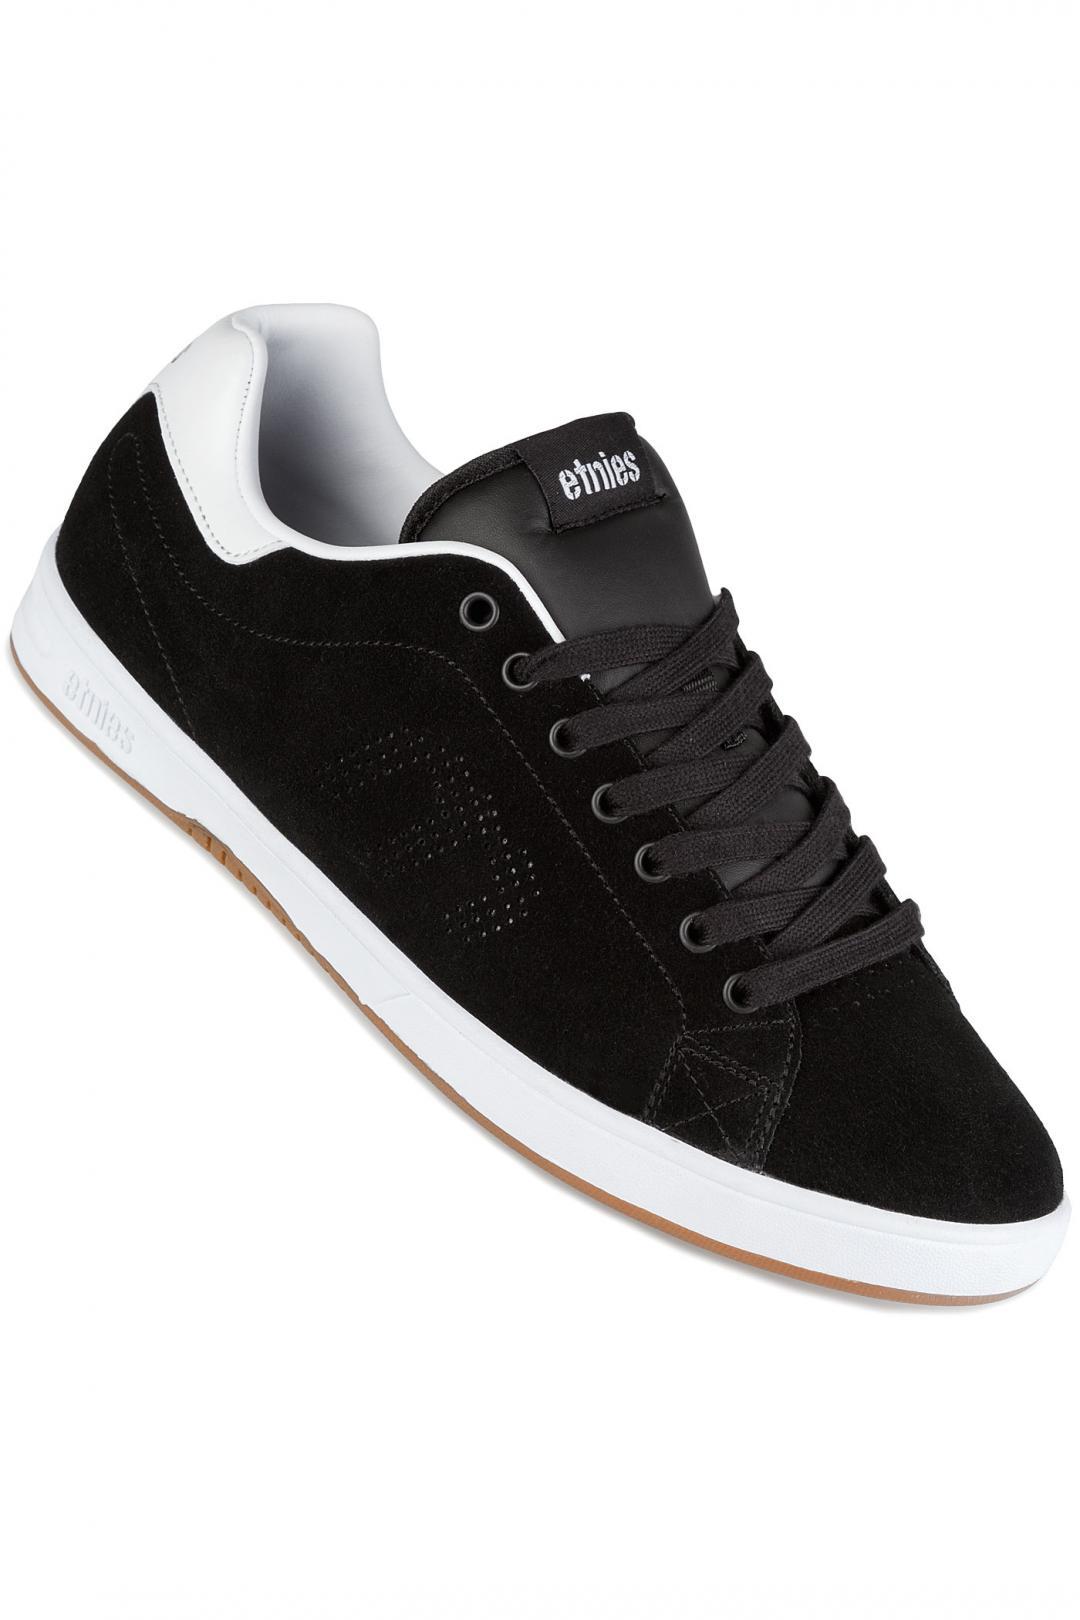 Uomo Etnies Callicut LS black white gum | Sneakers low top